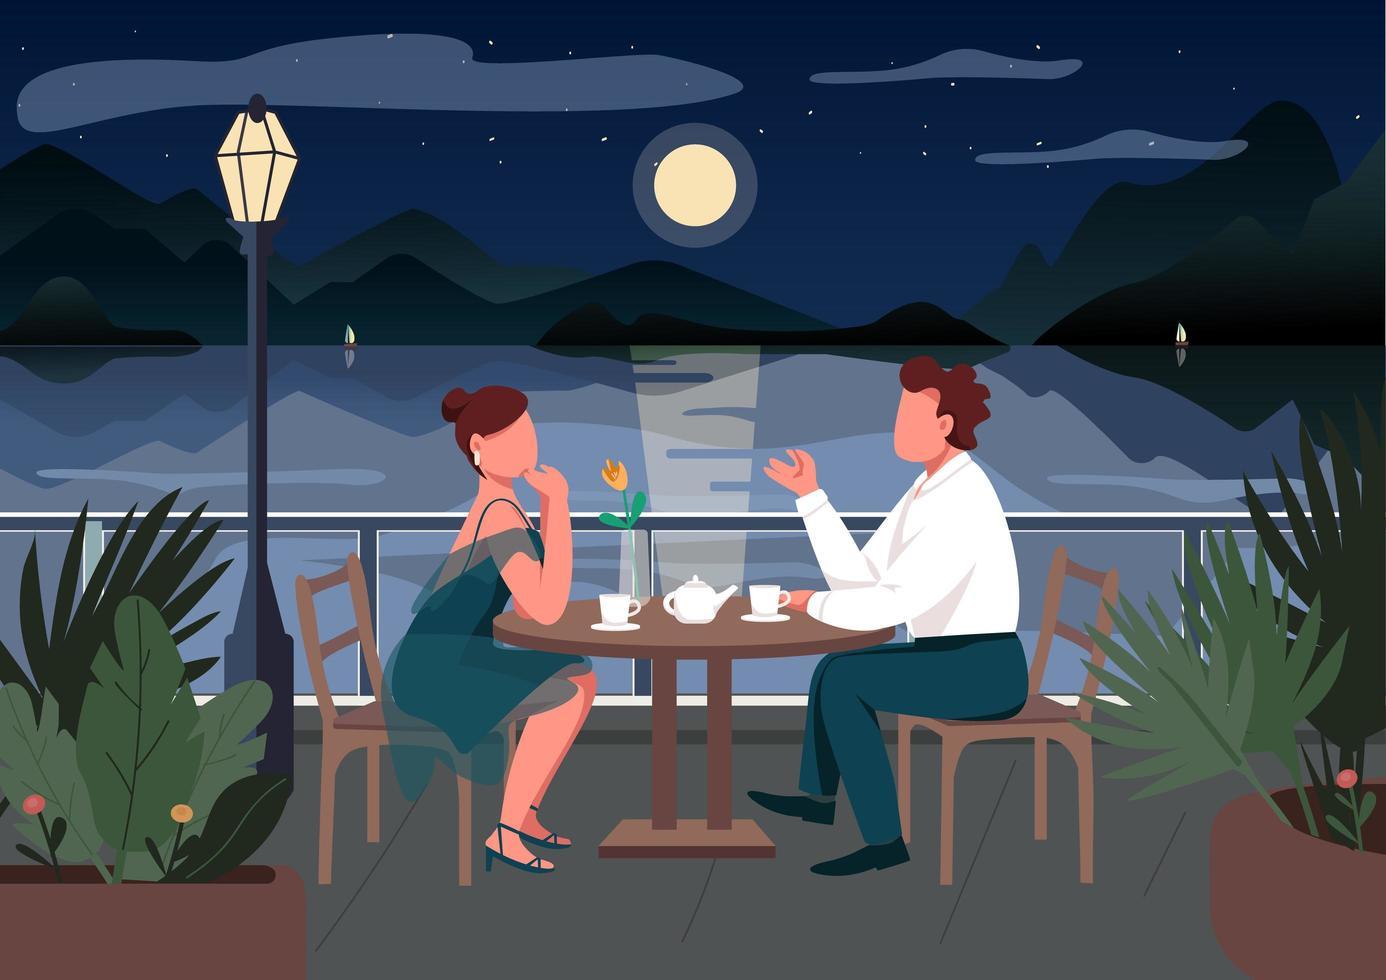 appuntamento romantico nella località balneare vettore